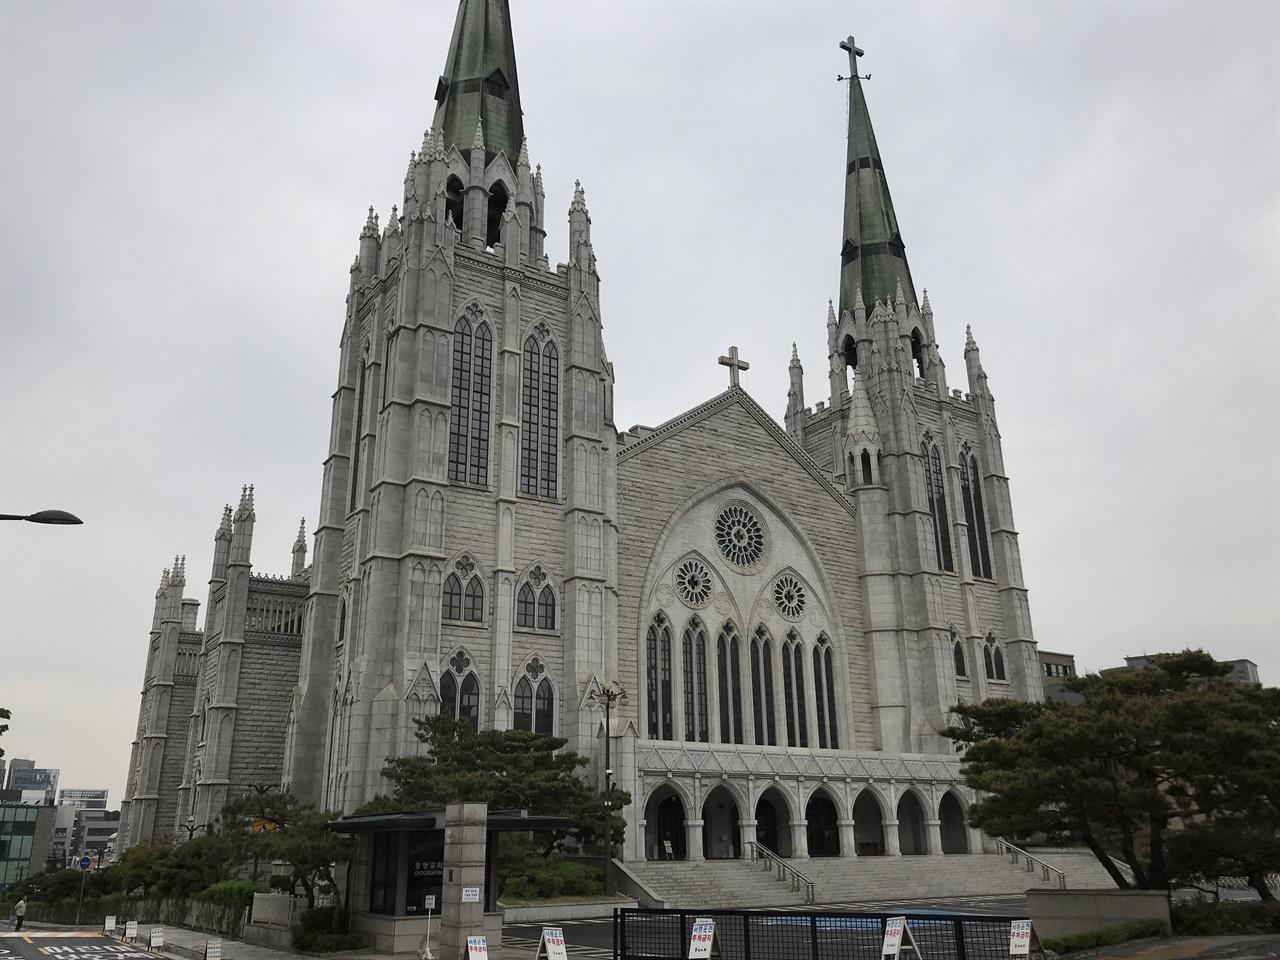 충현교회 부산 동일교회 김창일 목사가 1953년 아현동에 설립한 교회. 서울동일교회로 출발하여 1954년 충무로로 이전했다. 충무로의 '충'과 아현동의 '현'을 따서 충현교회로 이름을 바꿨다. 1980년대 들어 강남구 역삼동으로 이전했다. 김영삼 대통령이 다닌 교회로 유명해졌다.